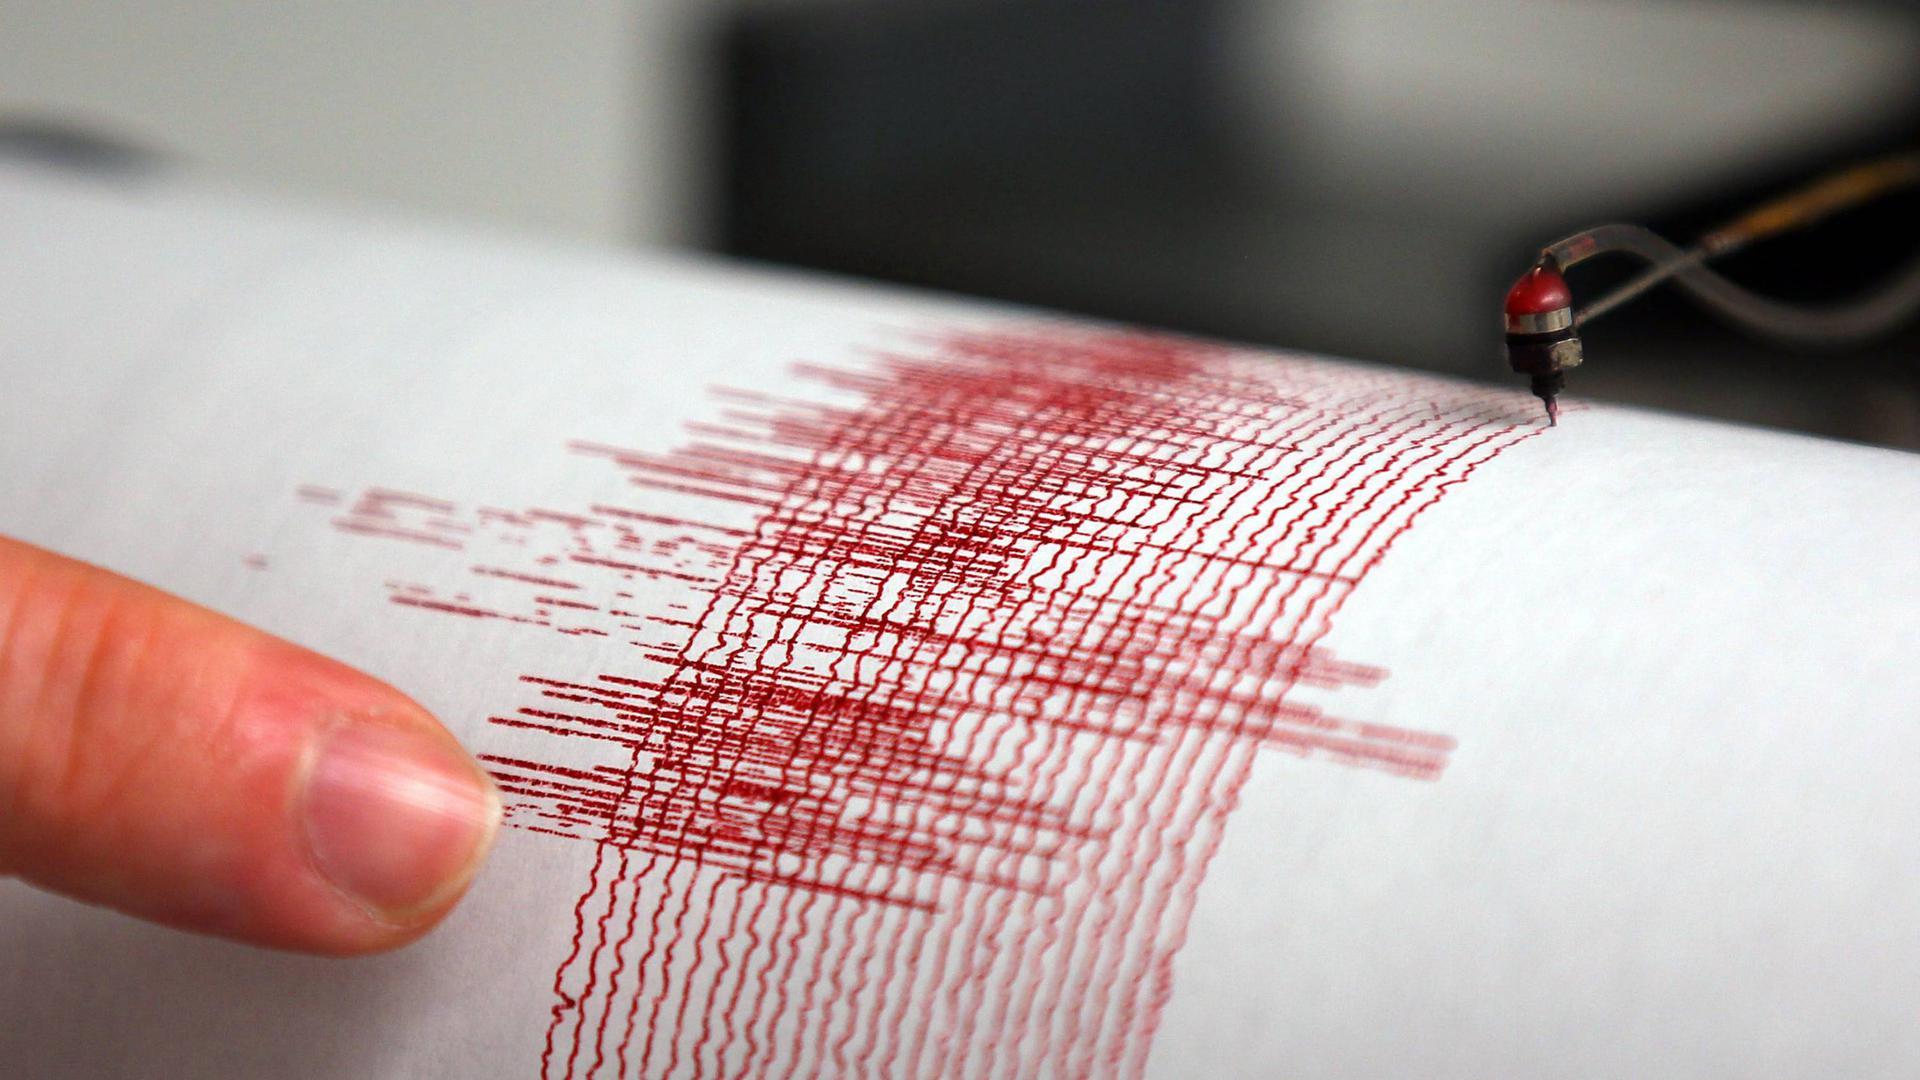 Ein Seismograph zeichnet die Stärke eines Erdbebens anhand waagrechter roter Linien auf.